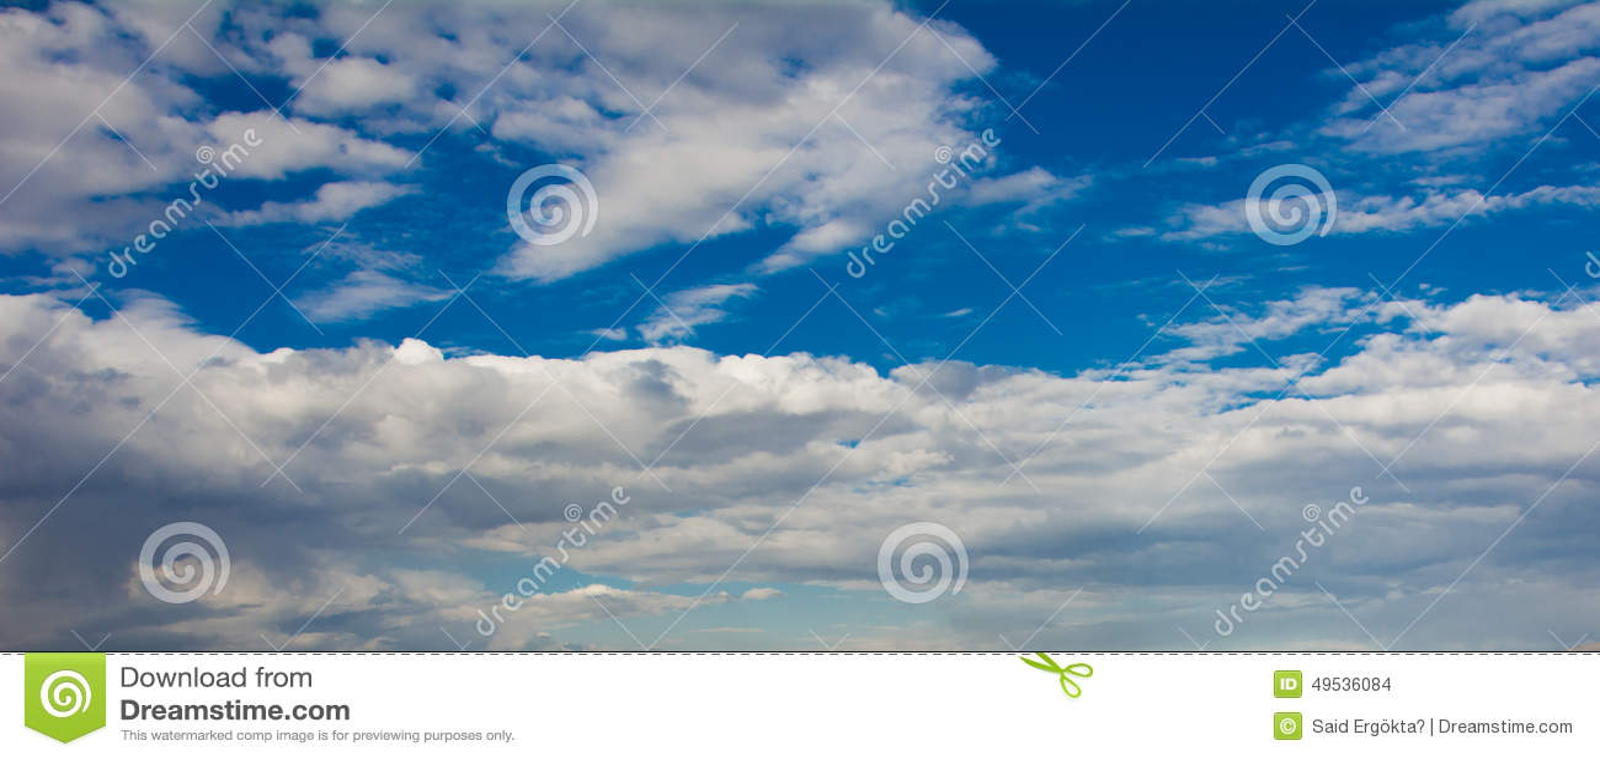 云彩 库存照片 - 图片: 49536084图片